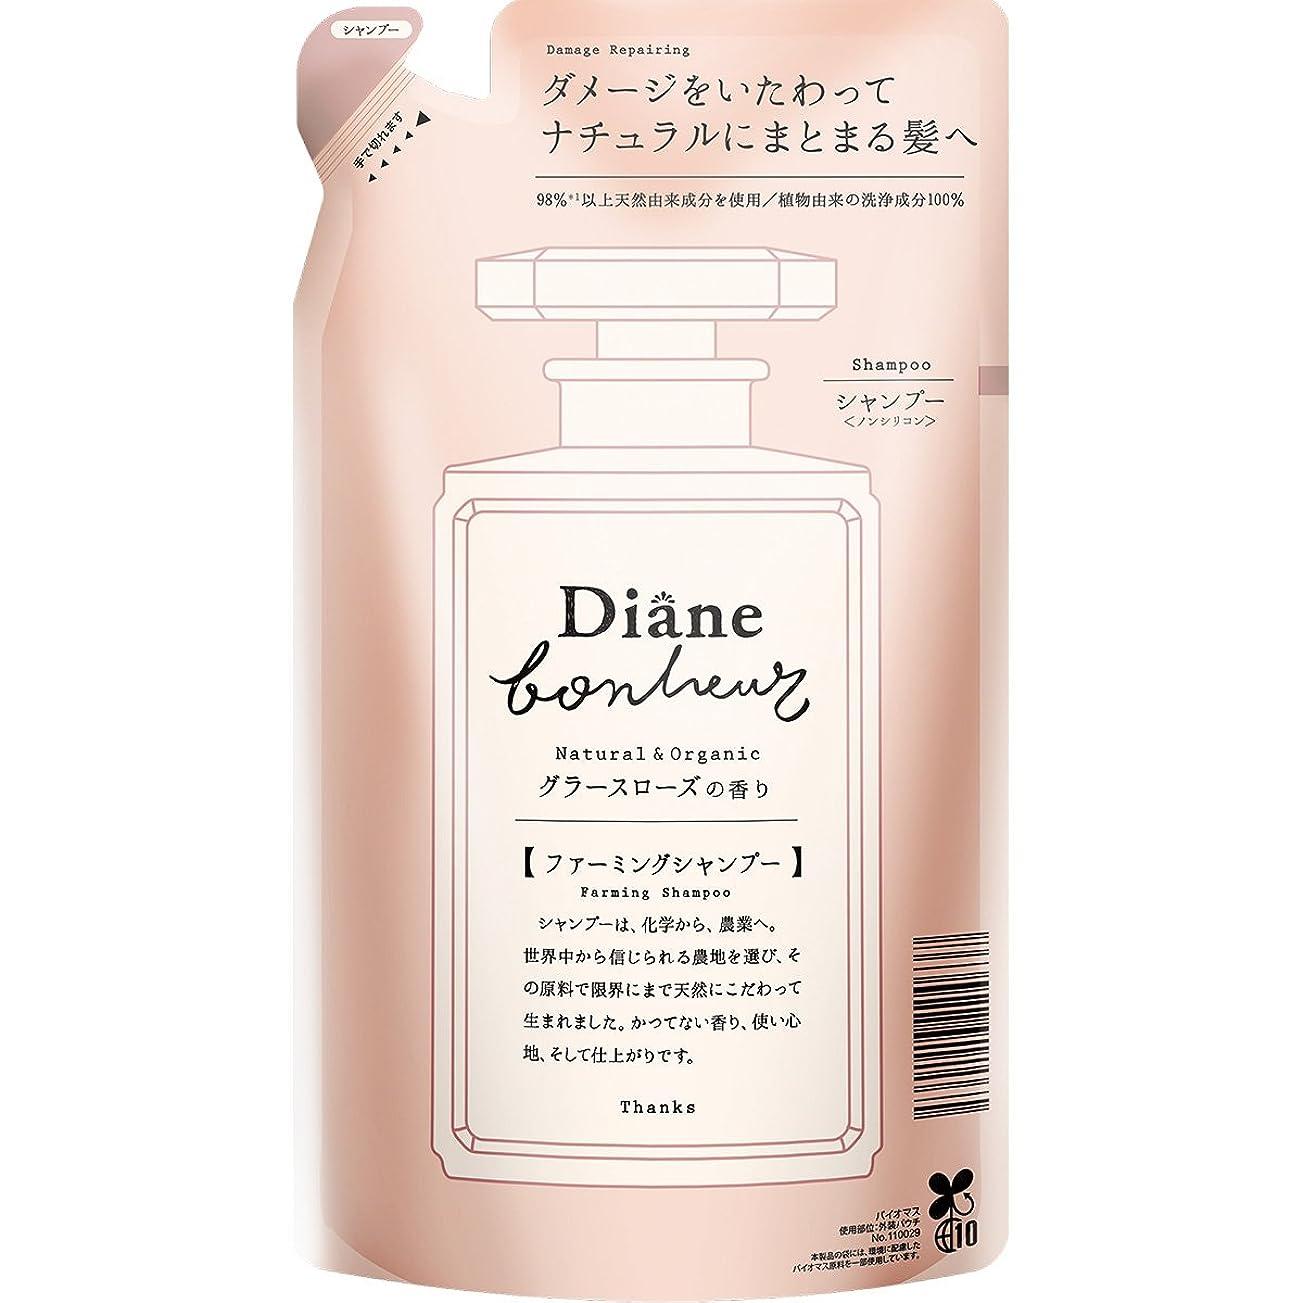 トランスペアレント世界記録のギネスブック高くダイアン ボヌール グラースローズの香り ダメージリペア シャンプー 詰め替え 400ml